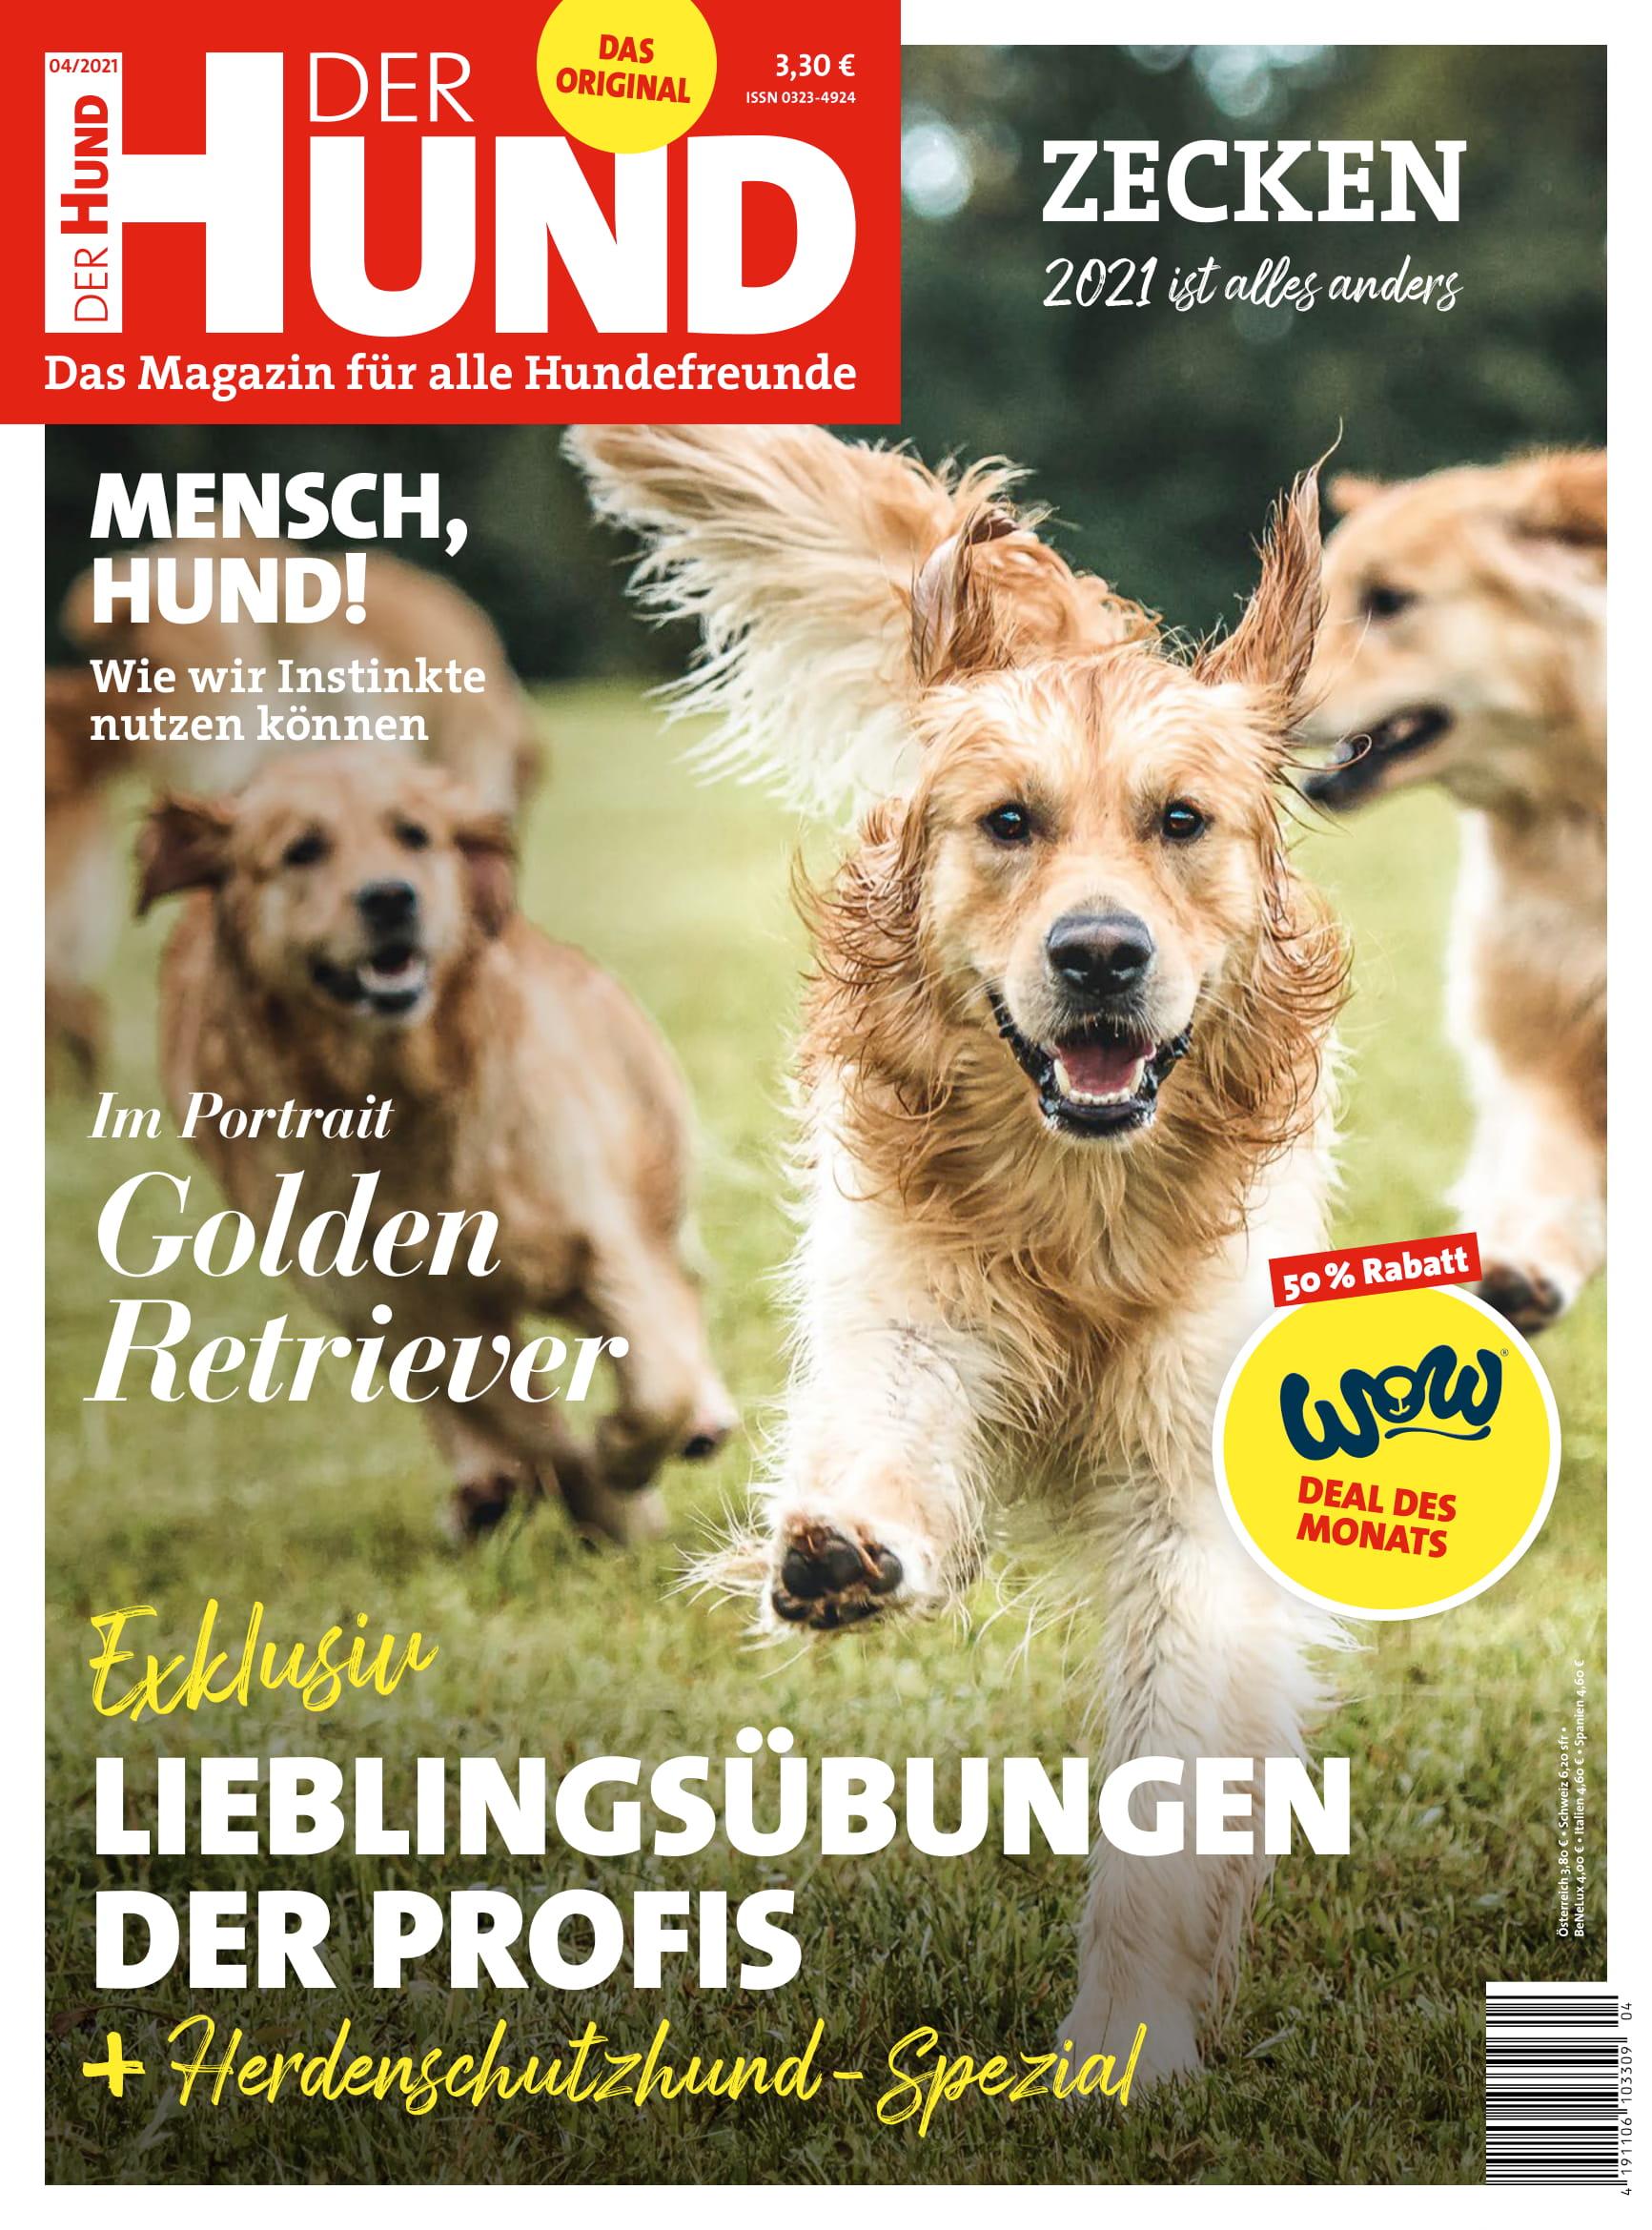 Der Hund | Ausgabe 04-2021